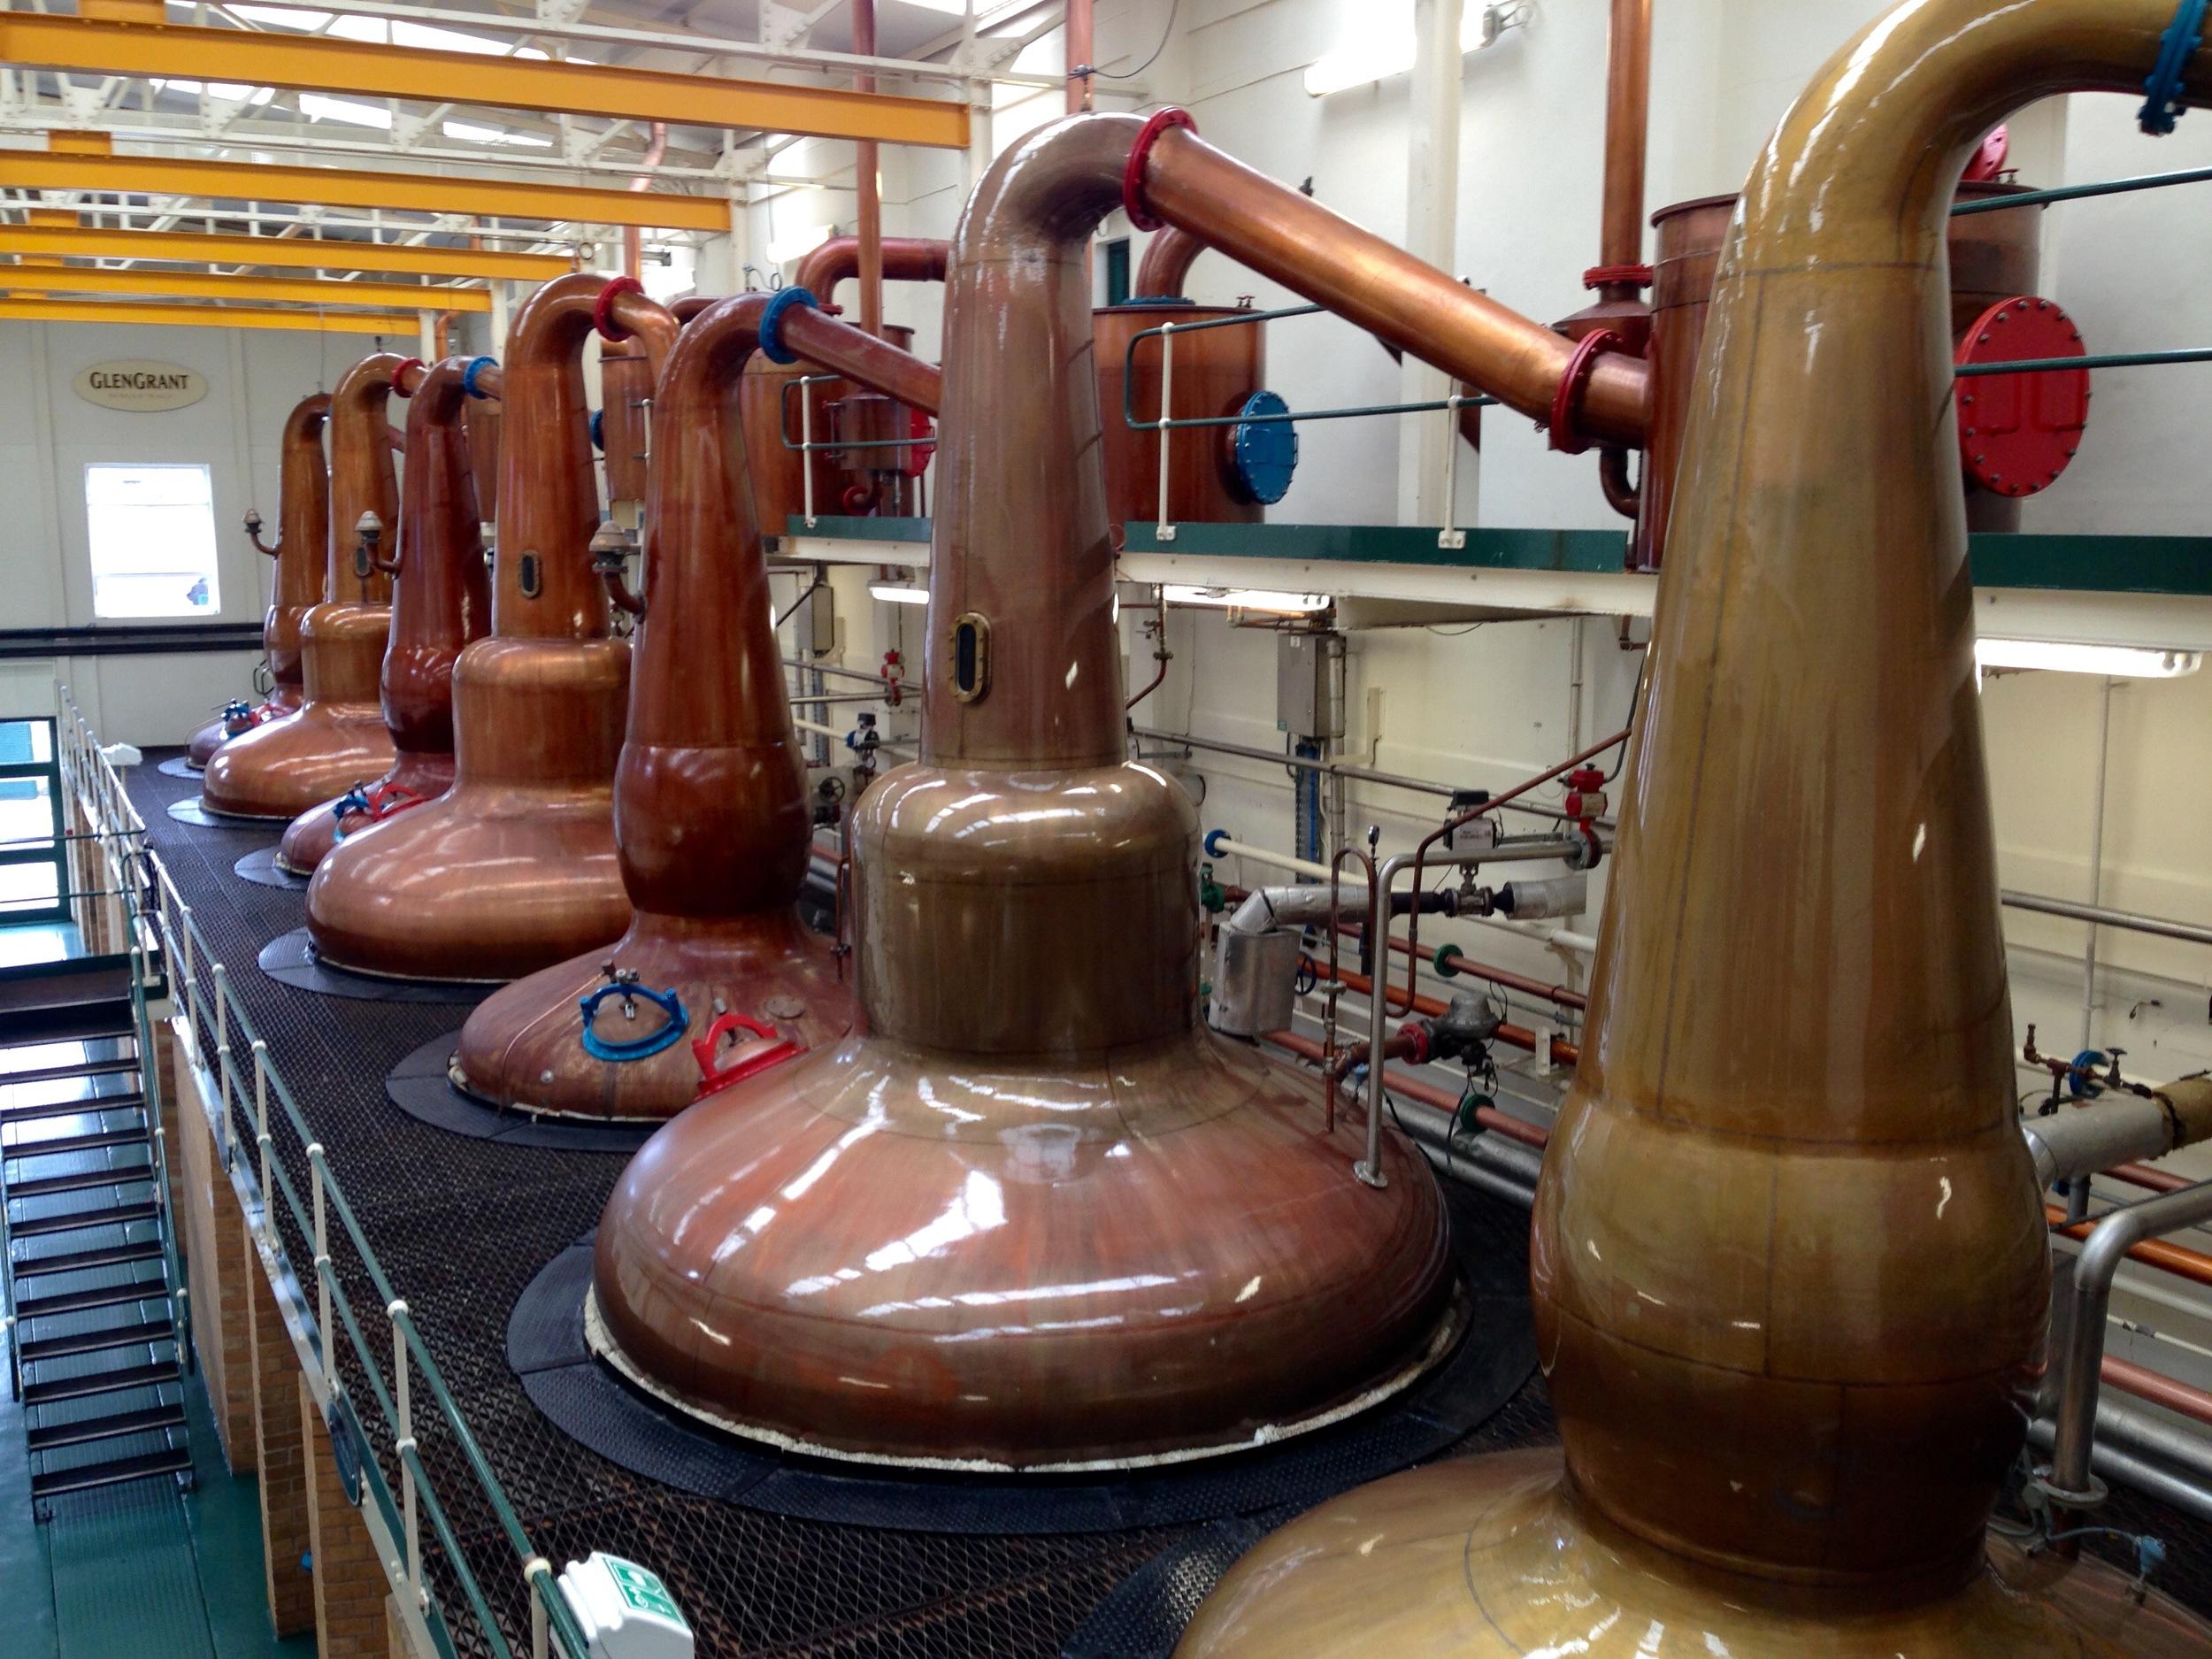 Glen Grant Scotch Whiskey Distillery